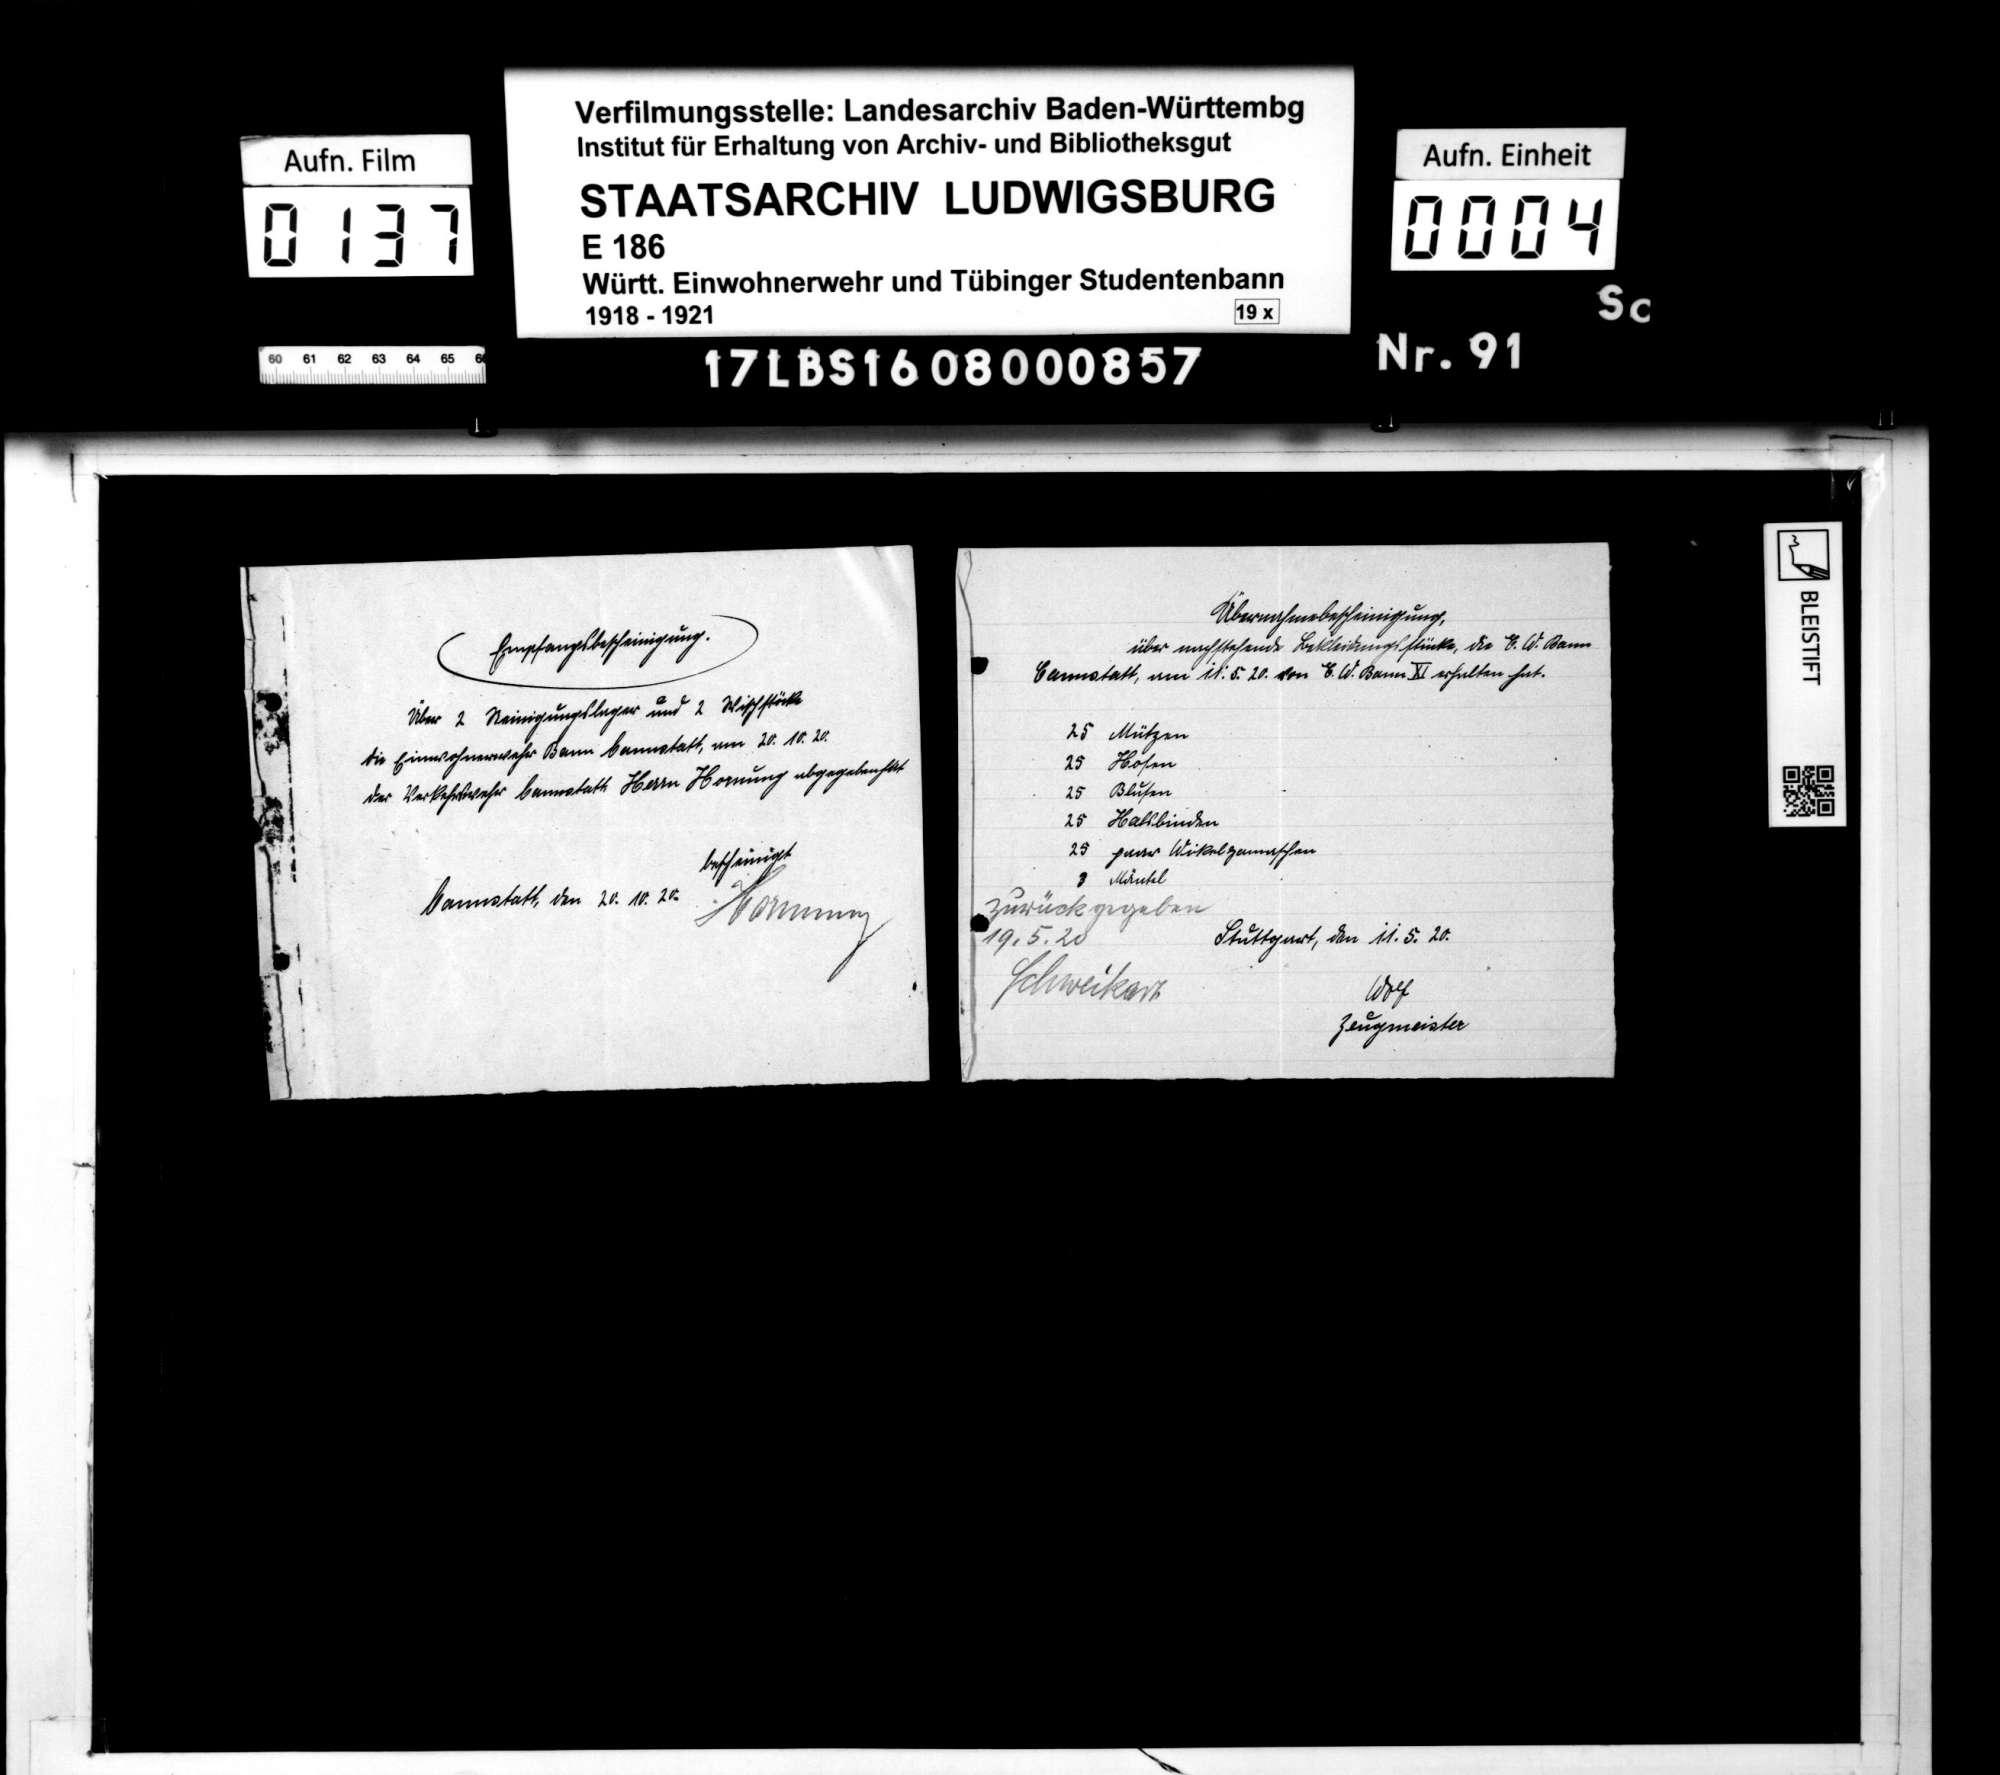 Bann Cannstatt: Belege für das Kammerbuch, Bild 1